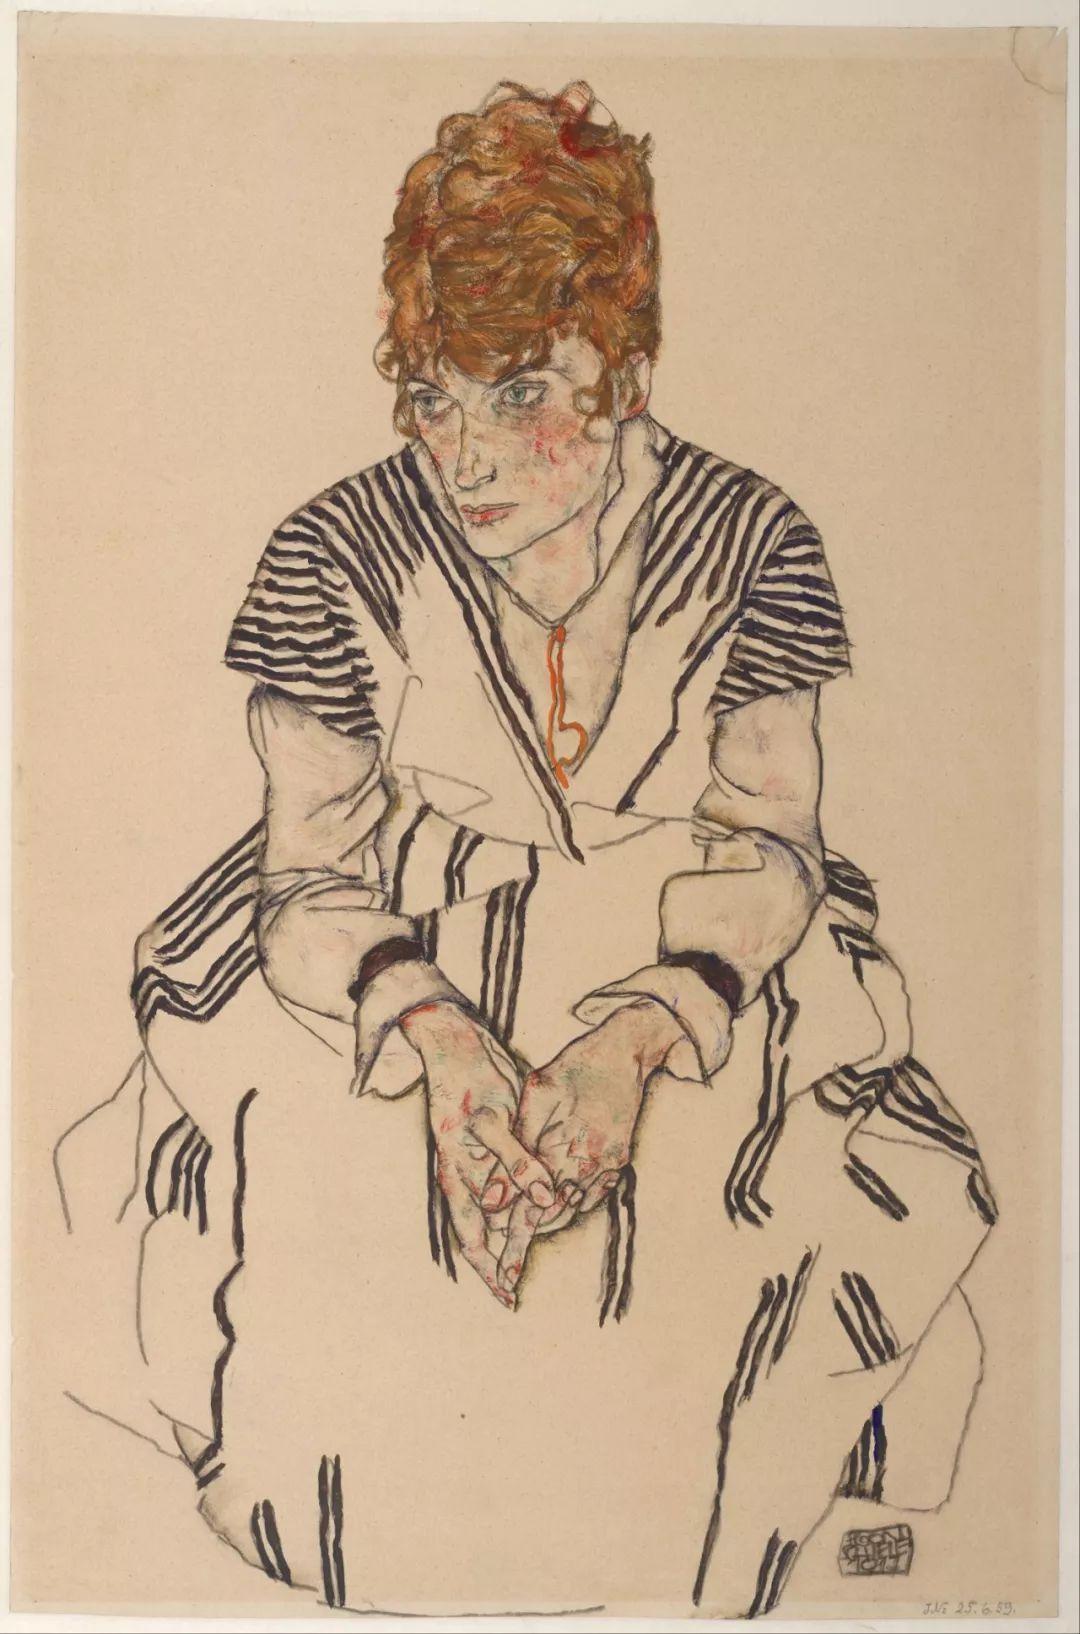 年仅28岁,生前遭受非议,死后却被捧为直逼心灵的艺术家插图81